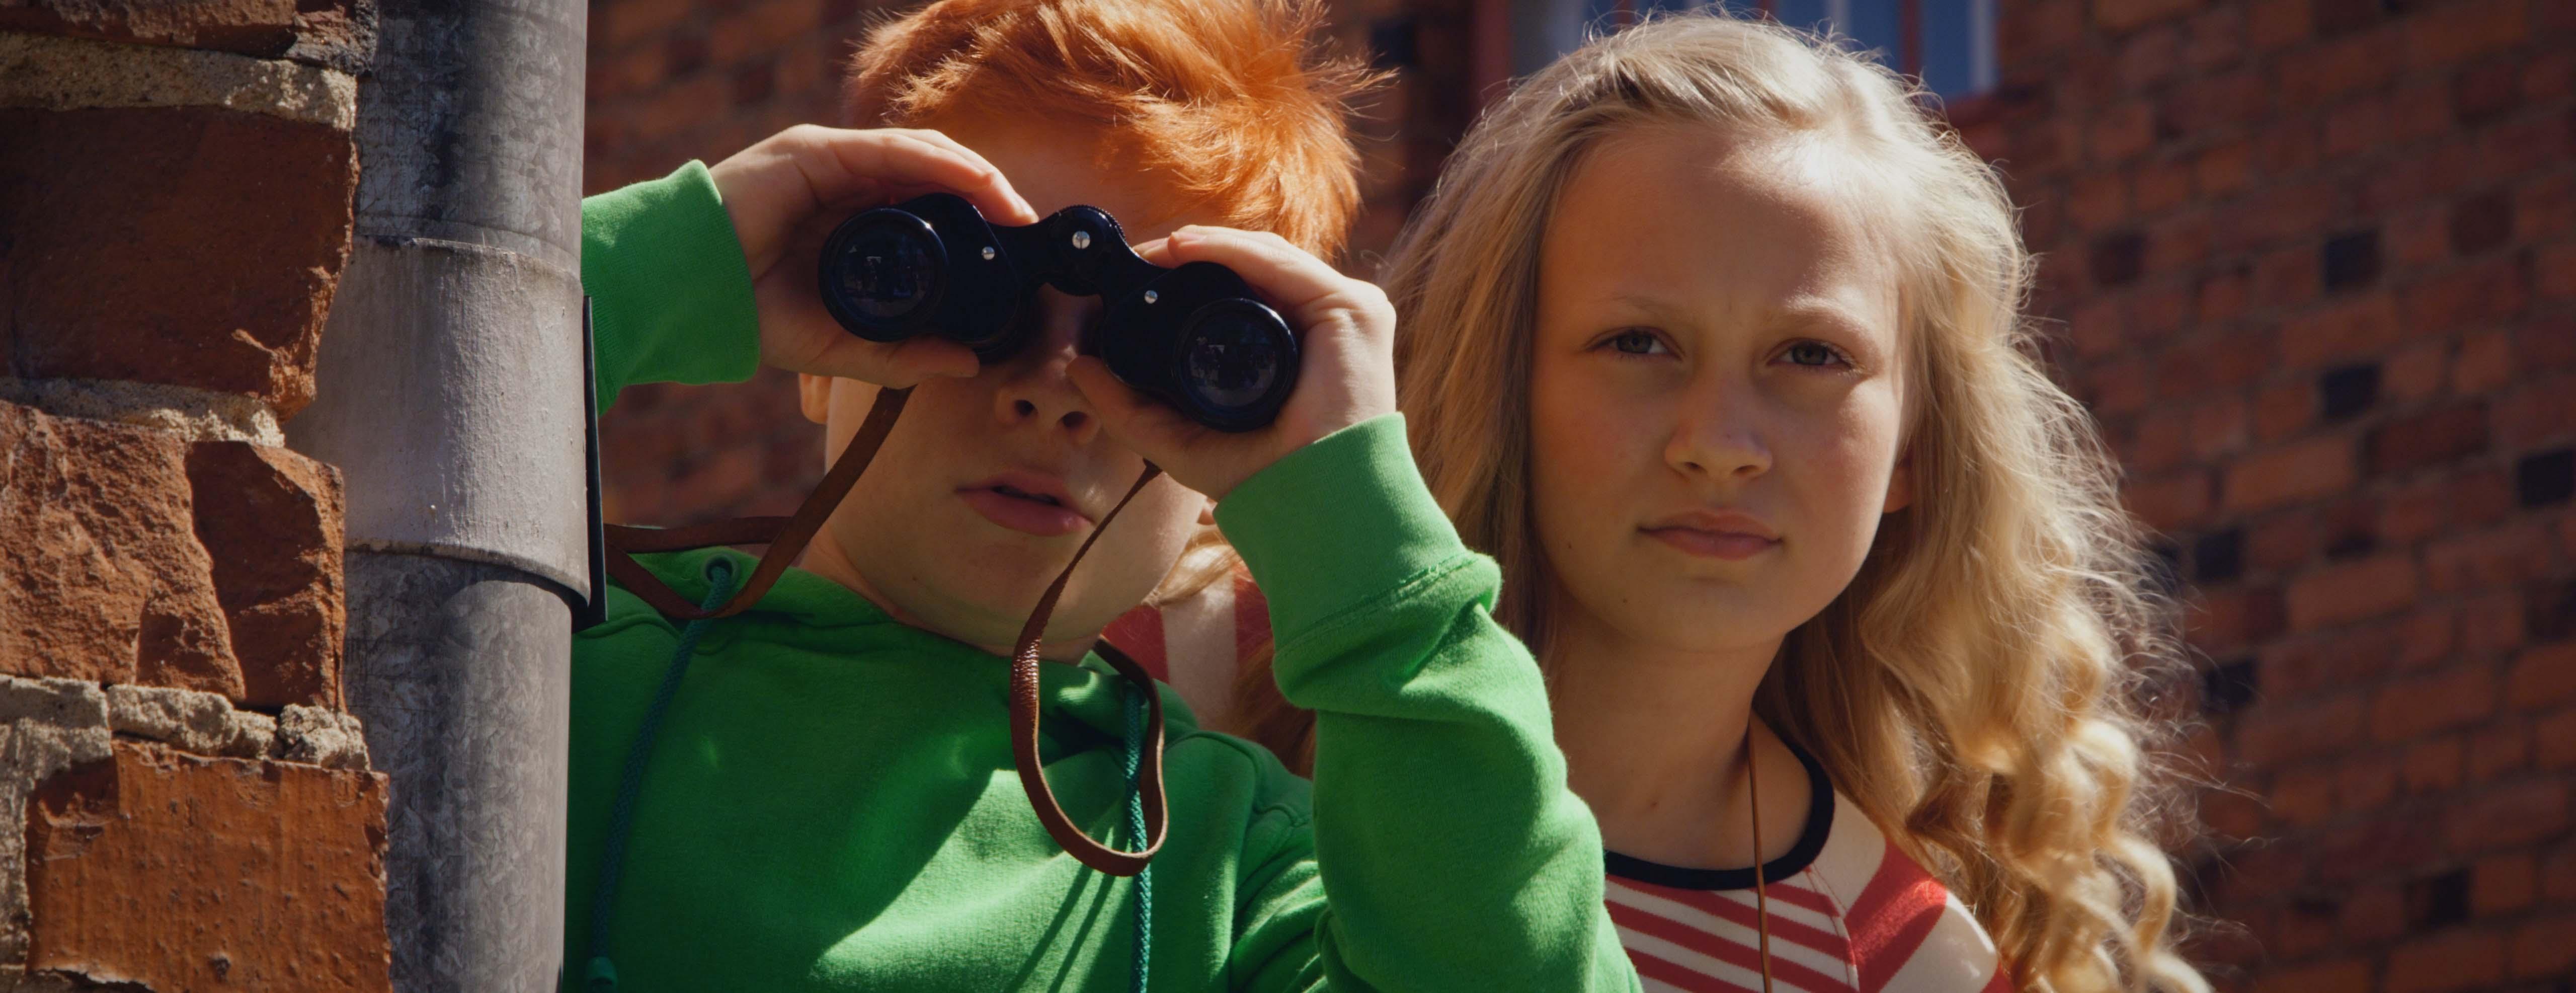 luokkakokous elokuva online Rovaniemi